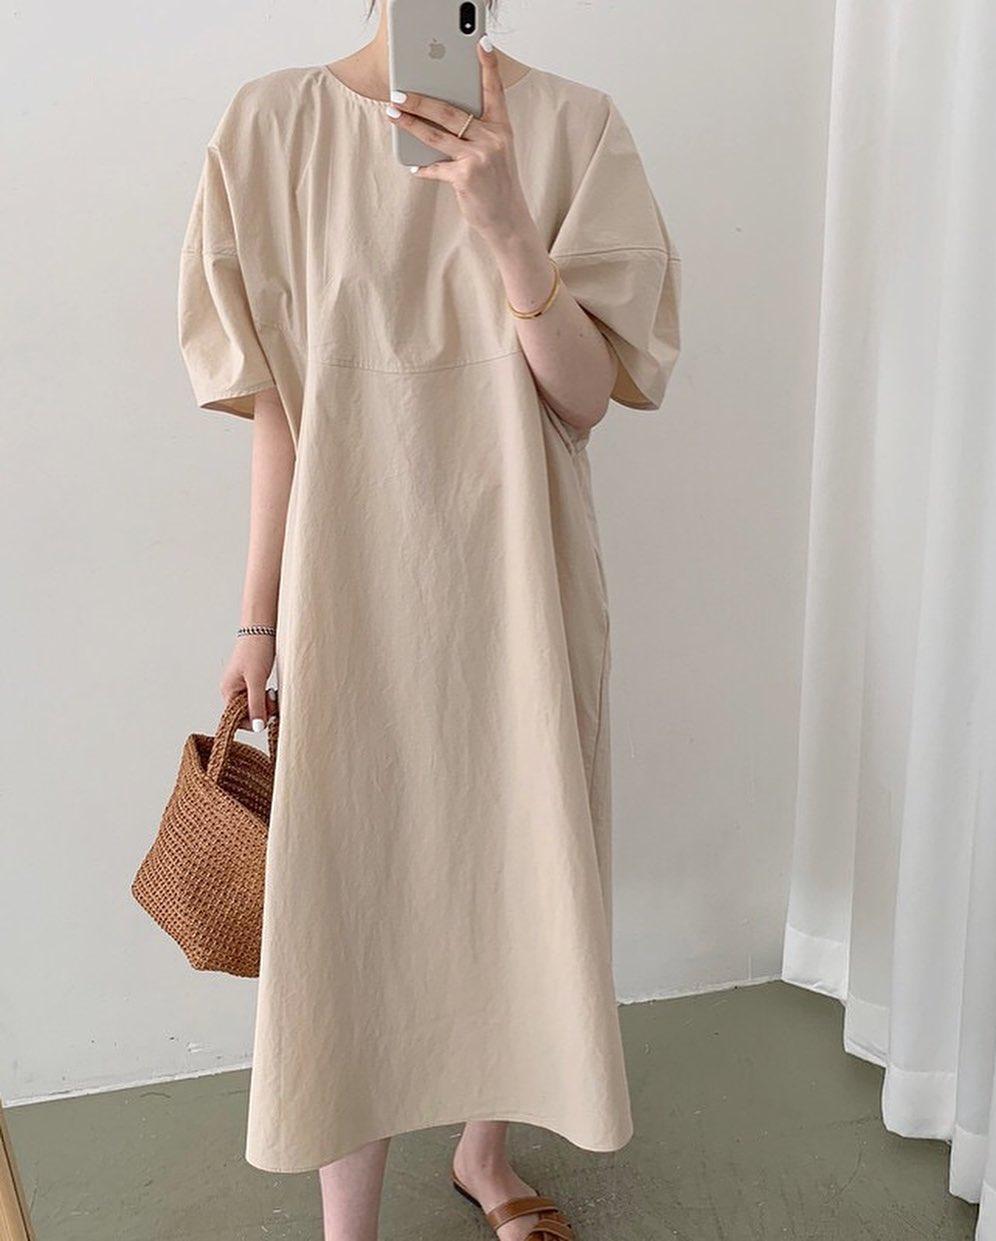 Học ca nương Kiều Anh tậu váy suông oversize giá chỉ vài trăm, mặc mát mà xinh như công chúa - Ảnh 5.